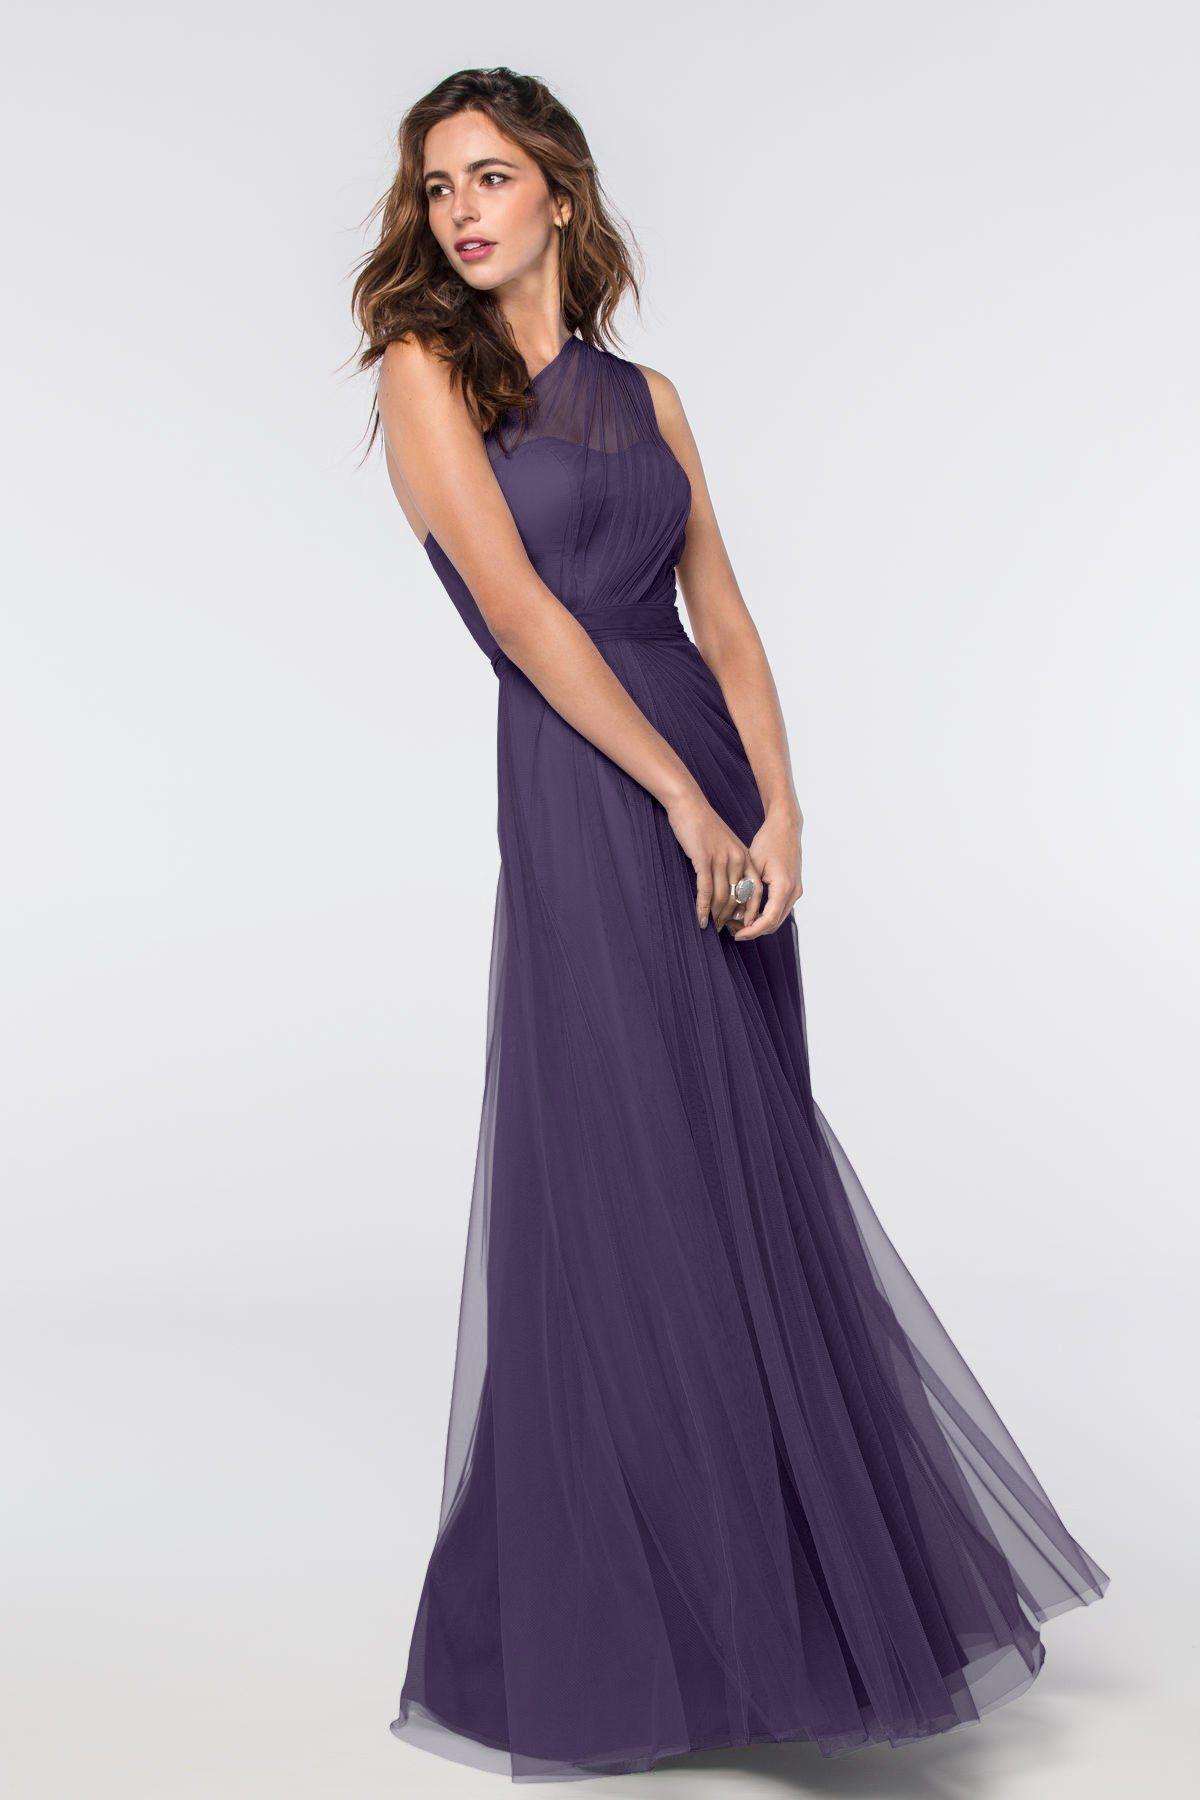 Admee 2303 | Bridesmaids | Watters | Dresses ♡♡♡ | Pinterest